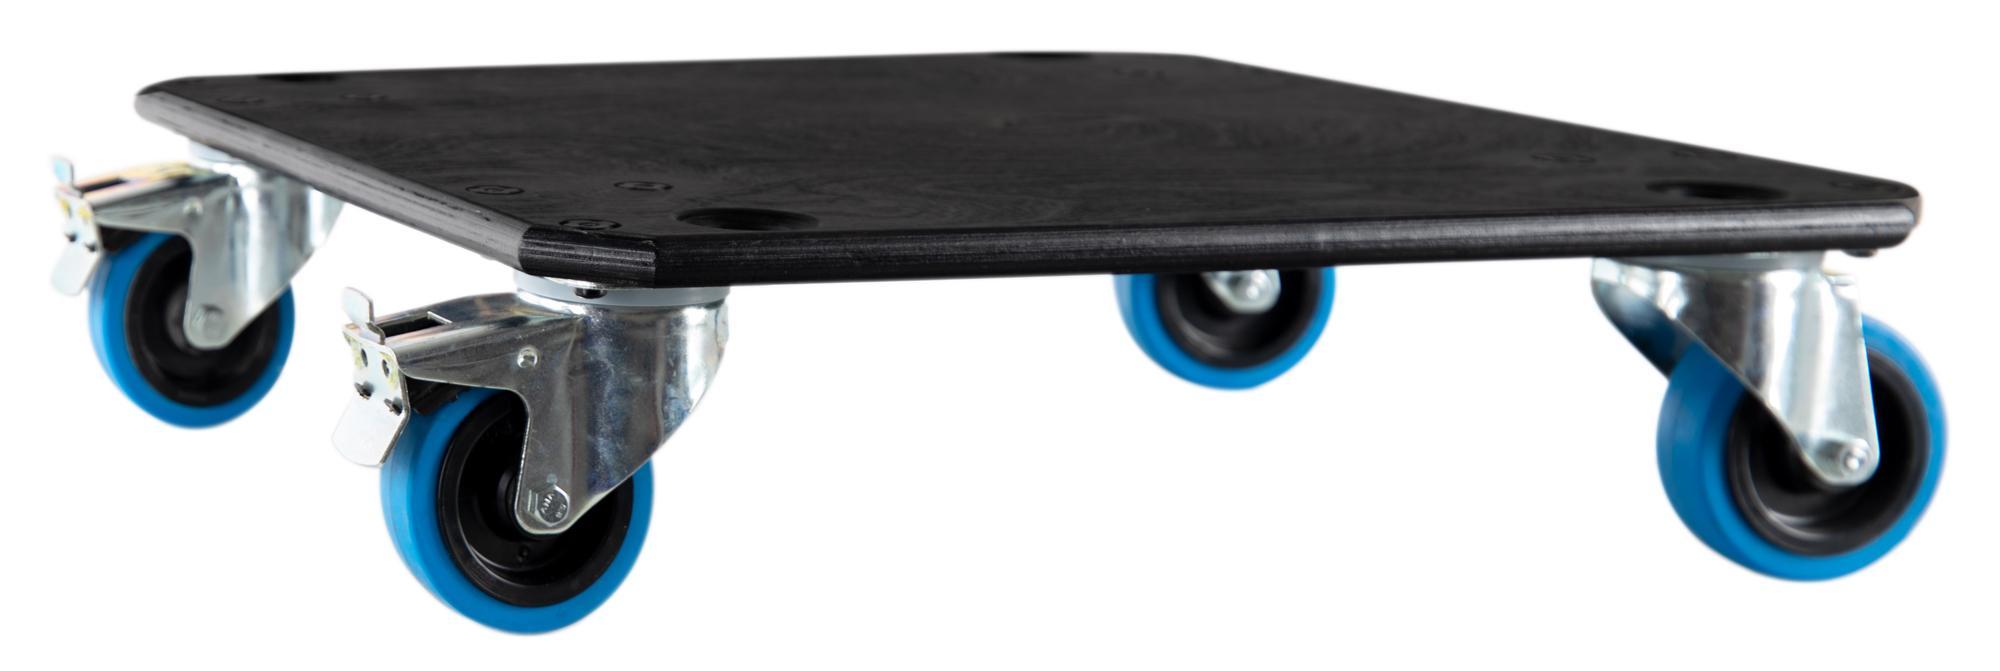 Gäng Case Rollbrett für DD Cases mit 450|485 mm ET